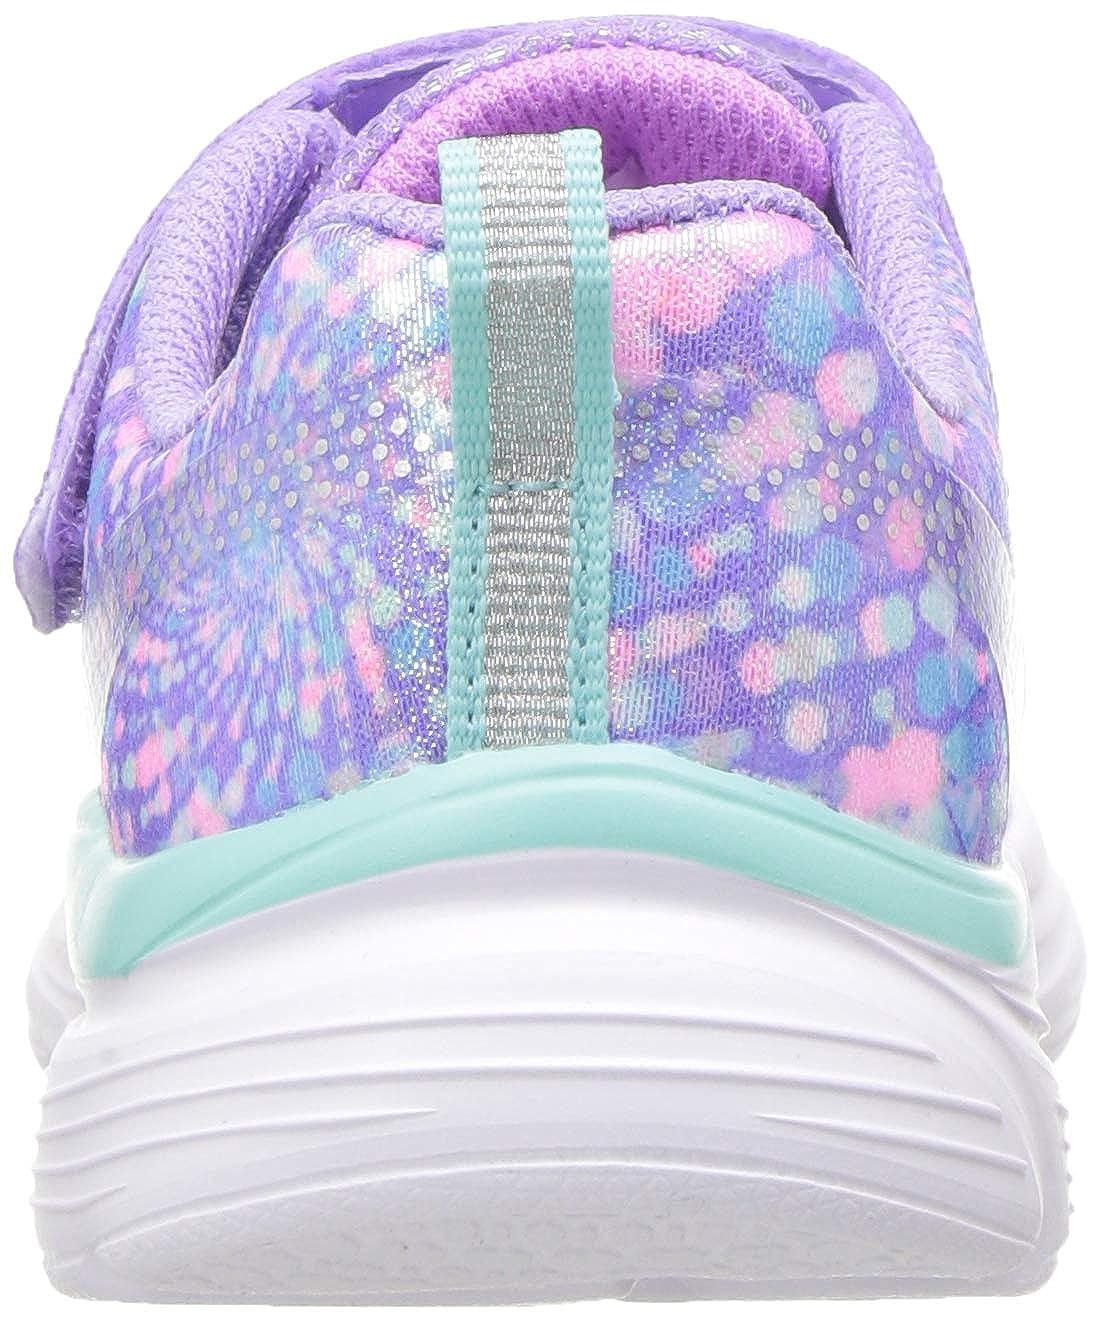 Skechers Kids Wavy Lites Sneaker 81385L-MLT